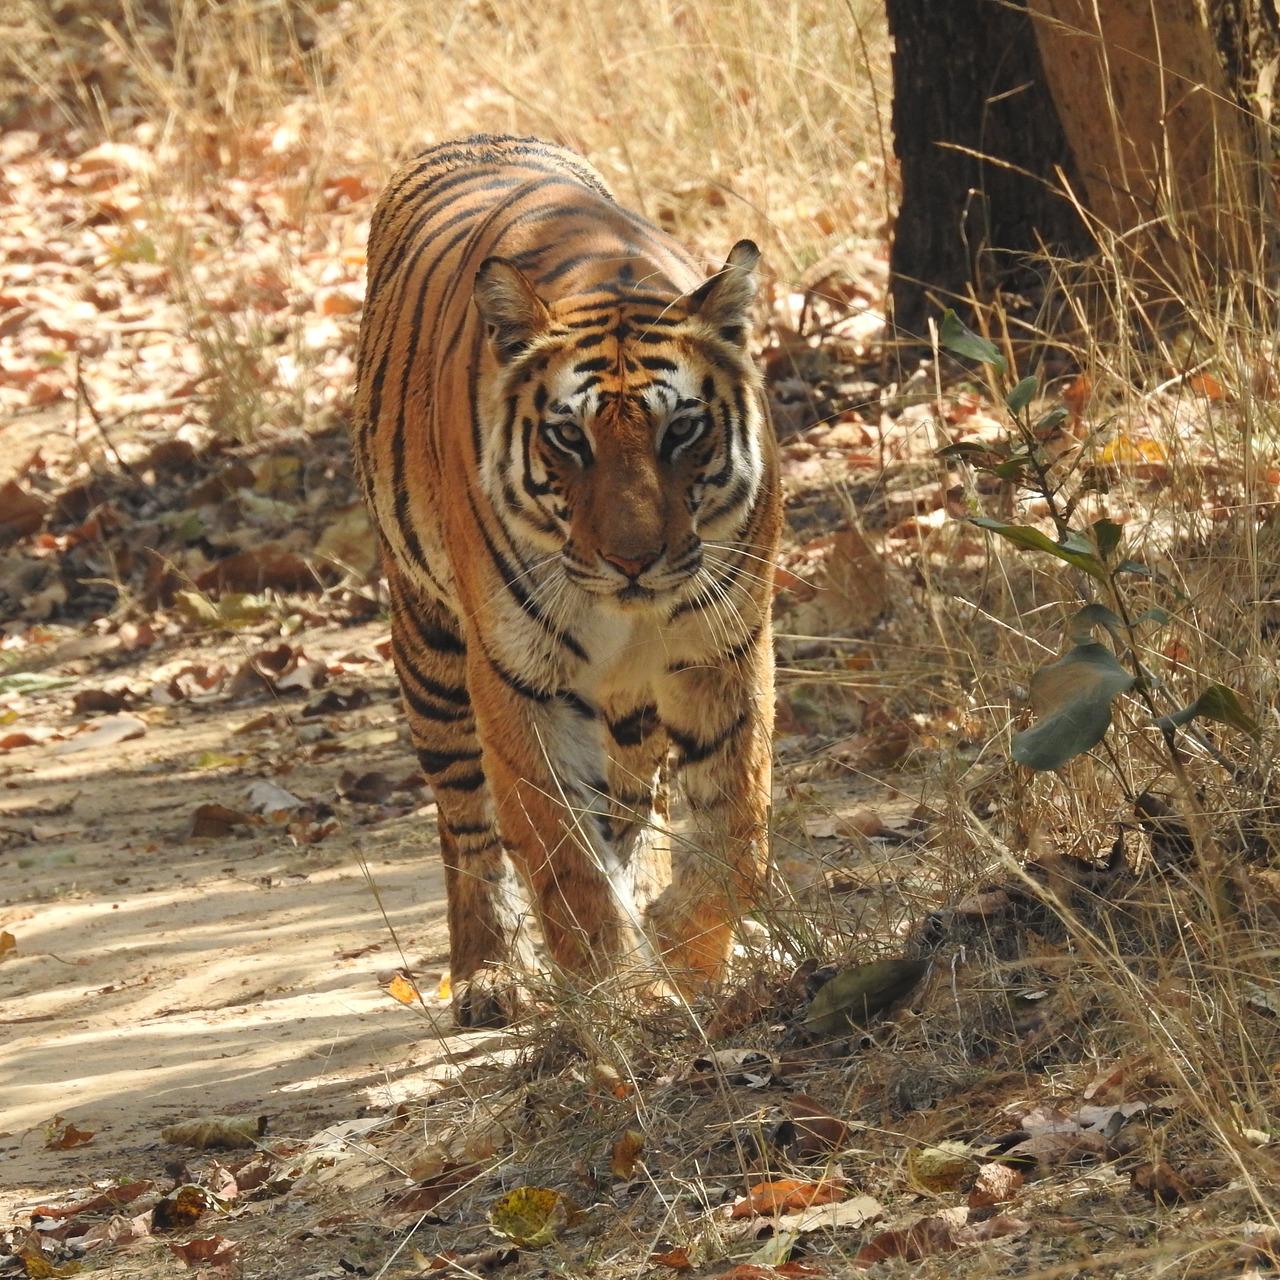 Tiger Safari India (New Delhi) - 2019 Book in Destination - All You